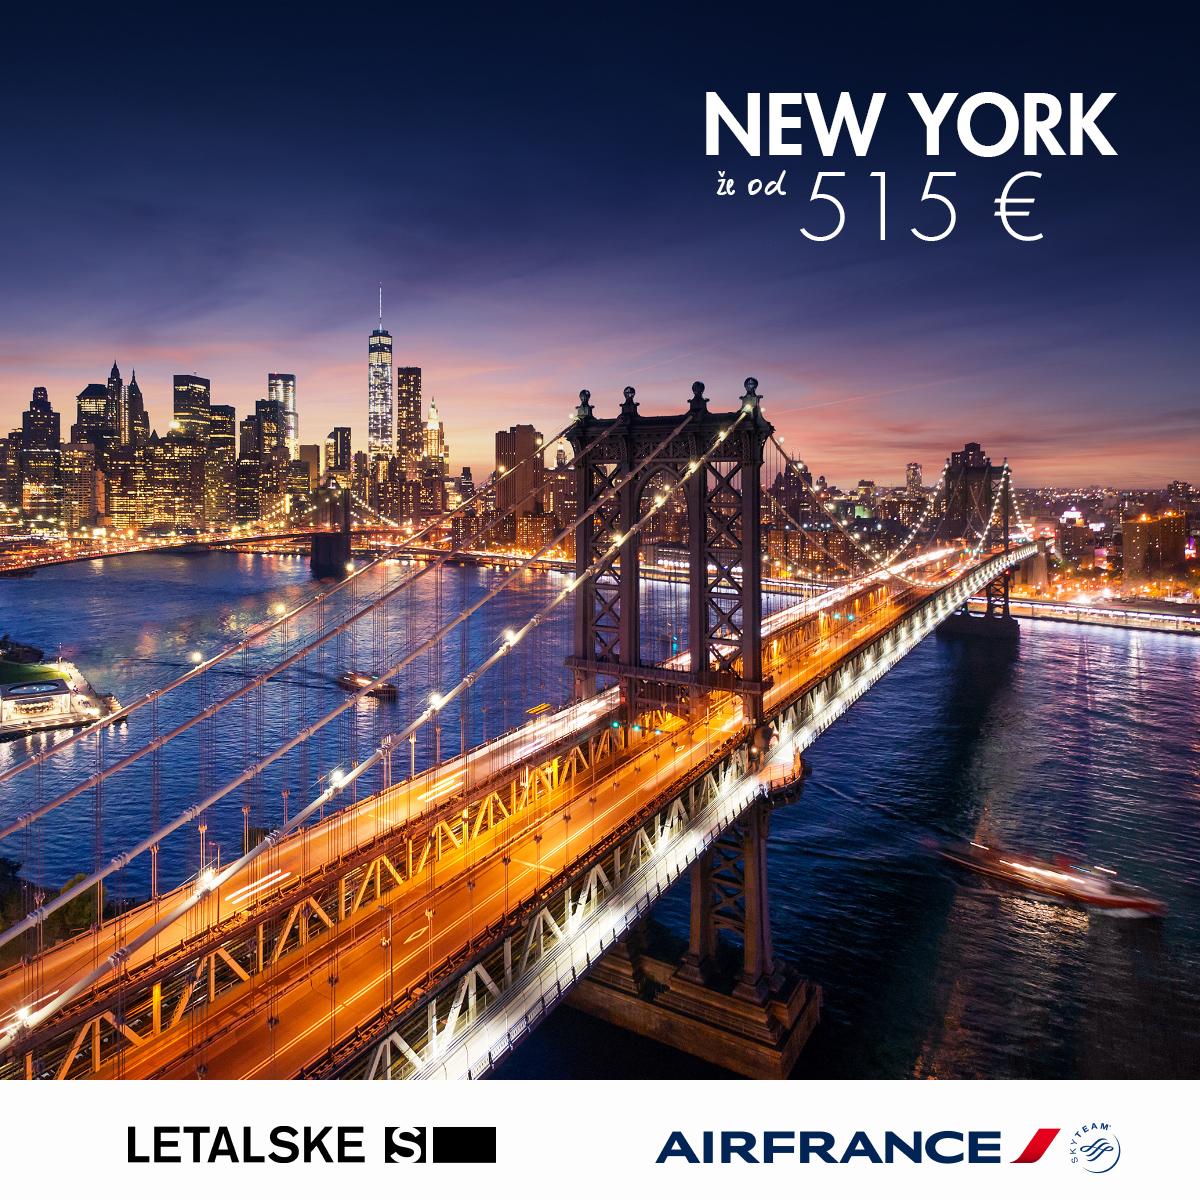 New York vizual, New York već od 1400 kuna, New York jeftine avio karte, putovanje za New York